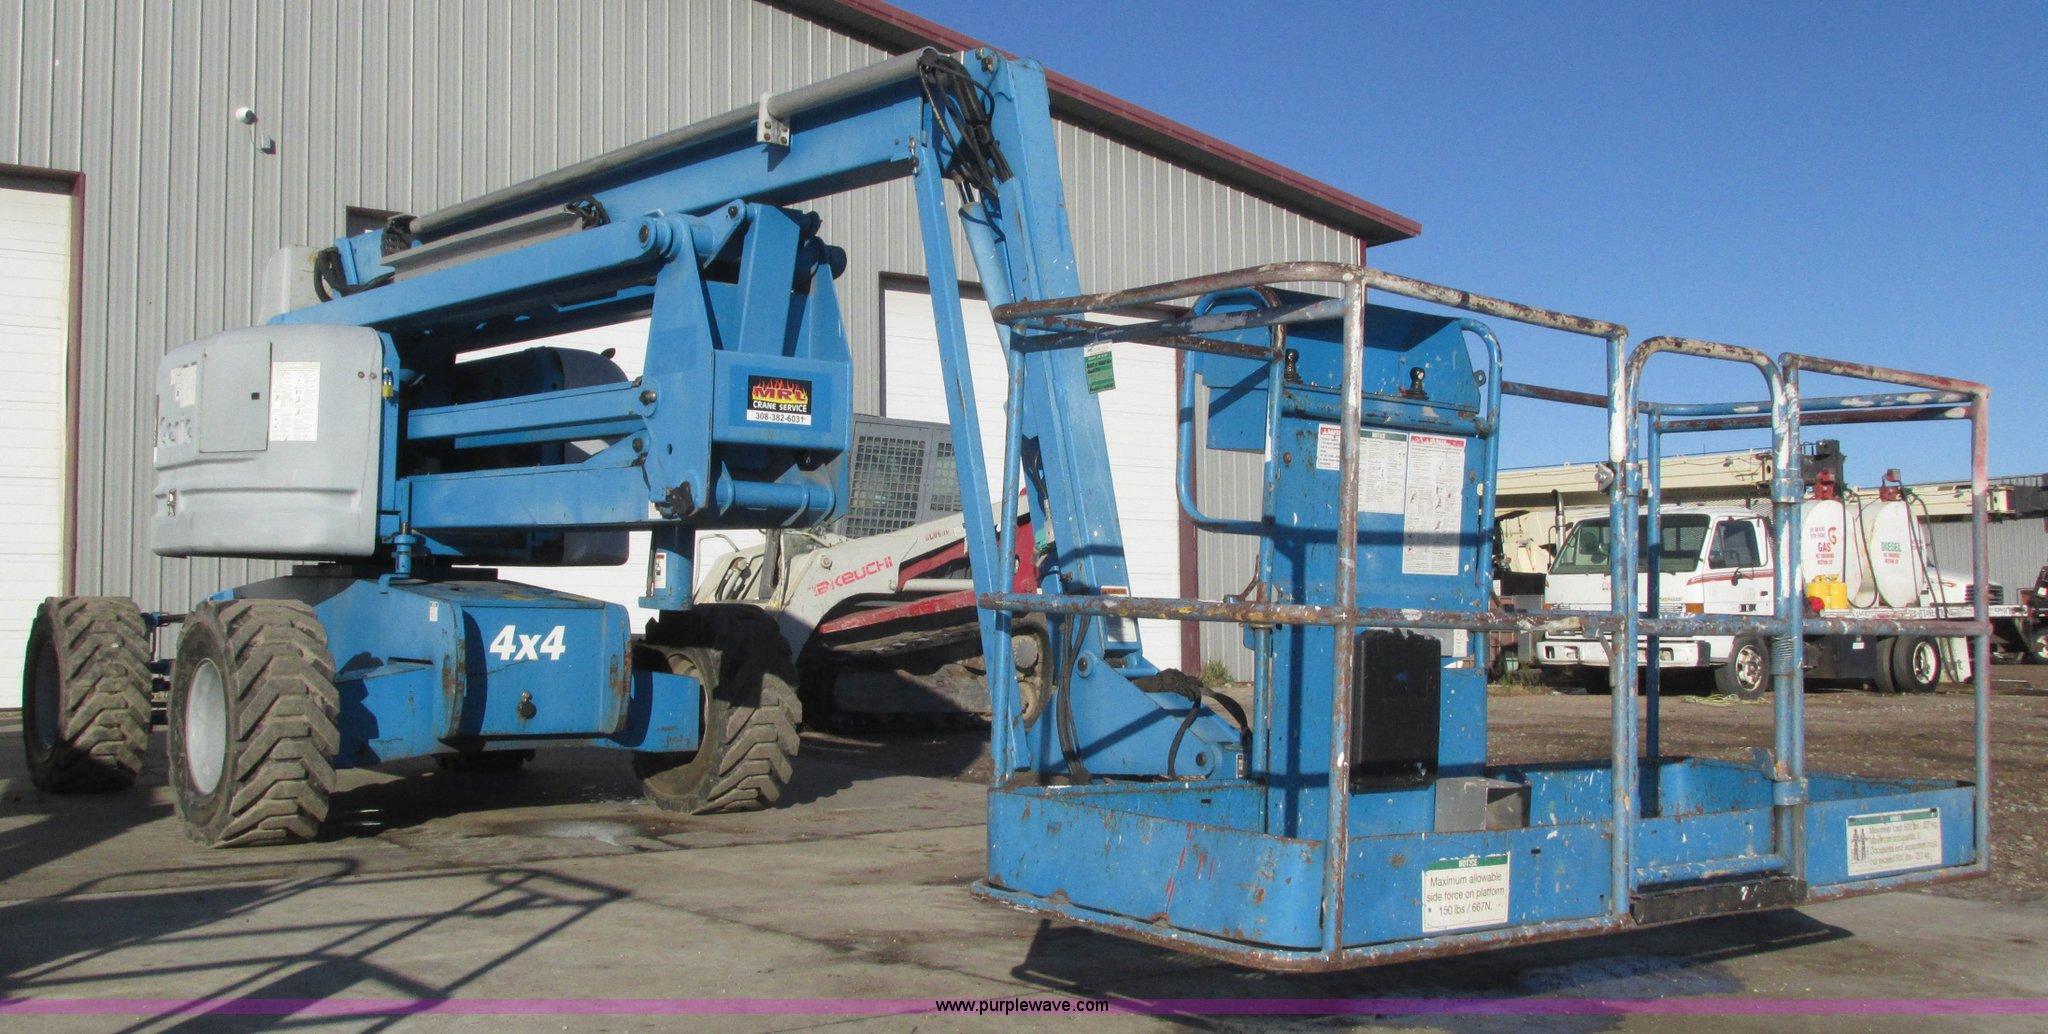 2002 genie z60 34 boom lift item h1037 sold february 11 rh purplewave com JLG 800AJ JLG 600AJ Specs